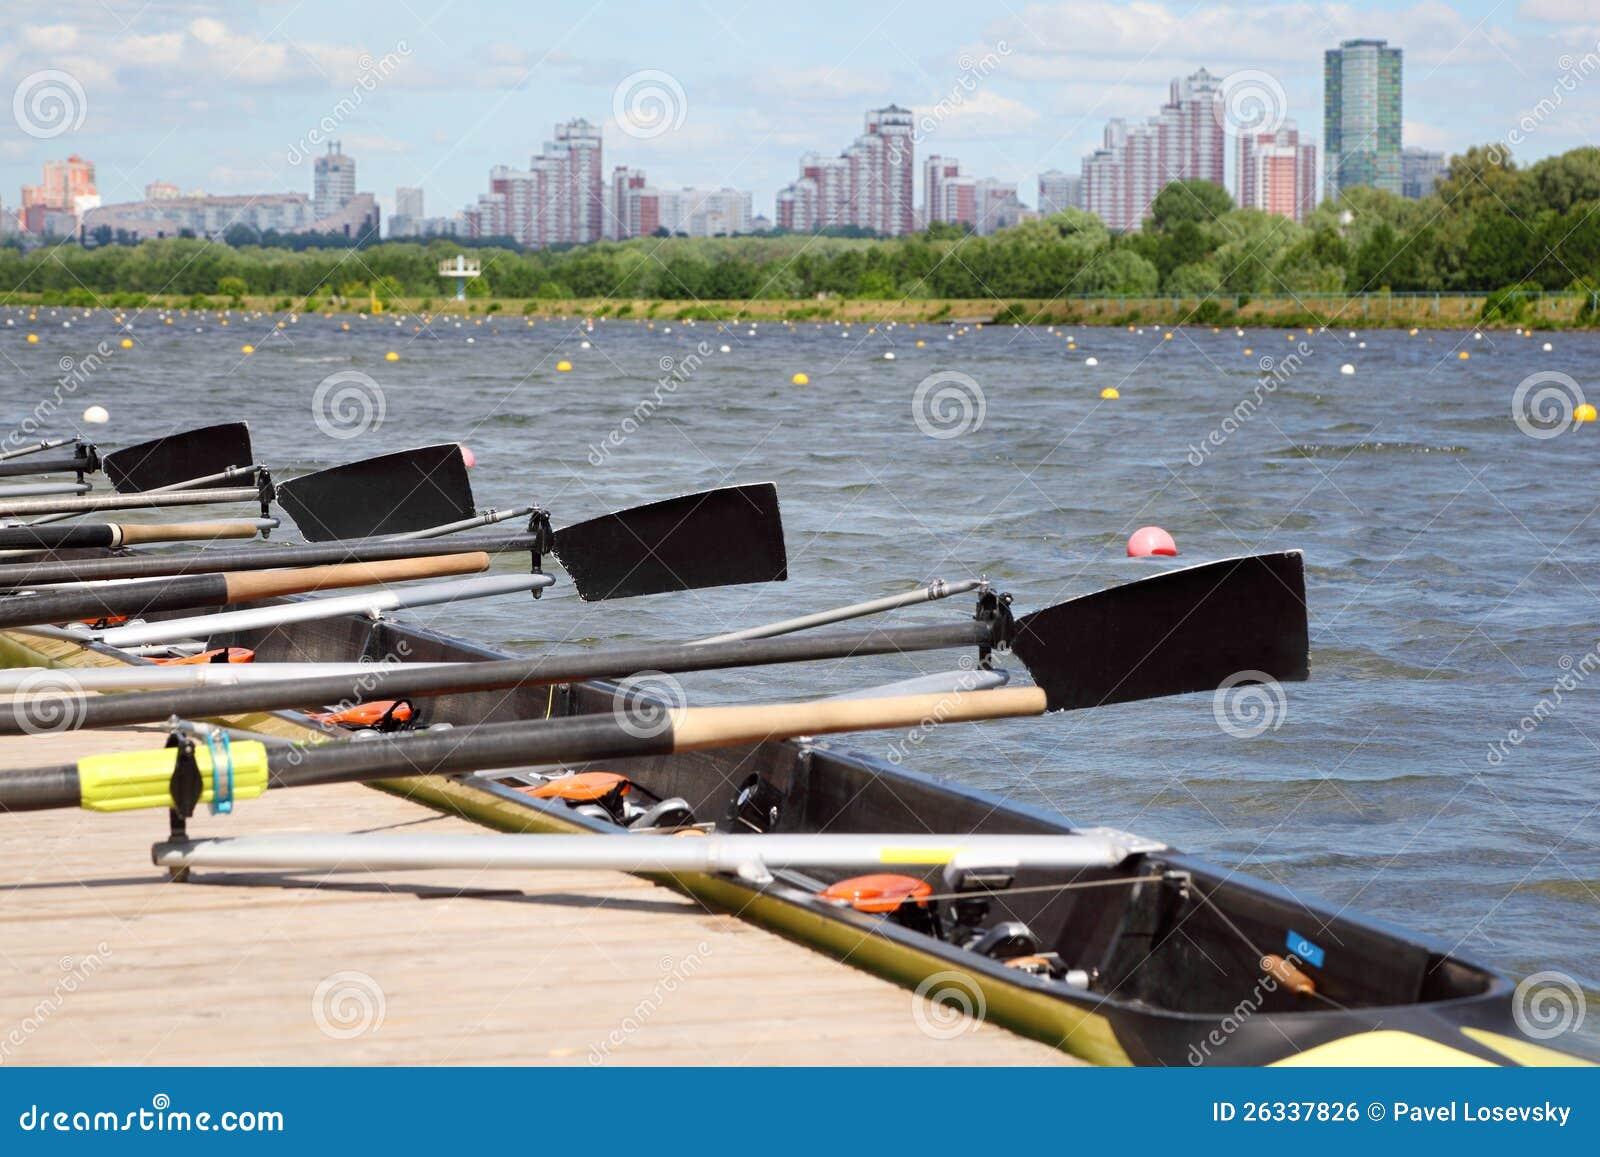 Long bateau de sport avec des avirons